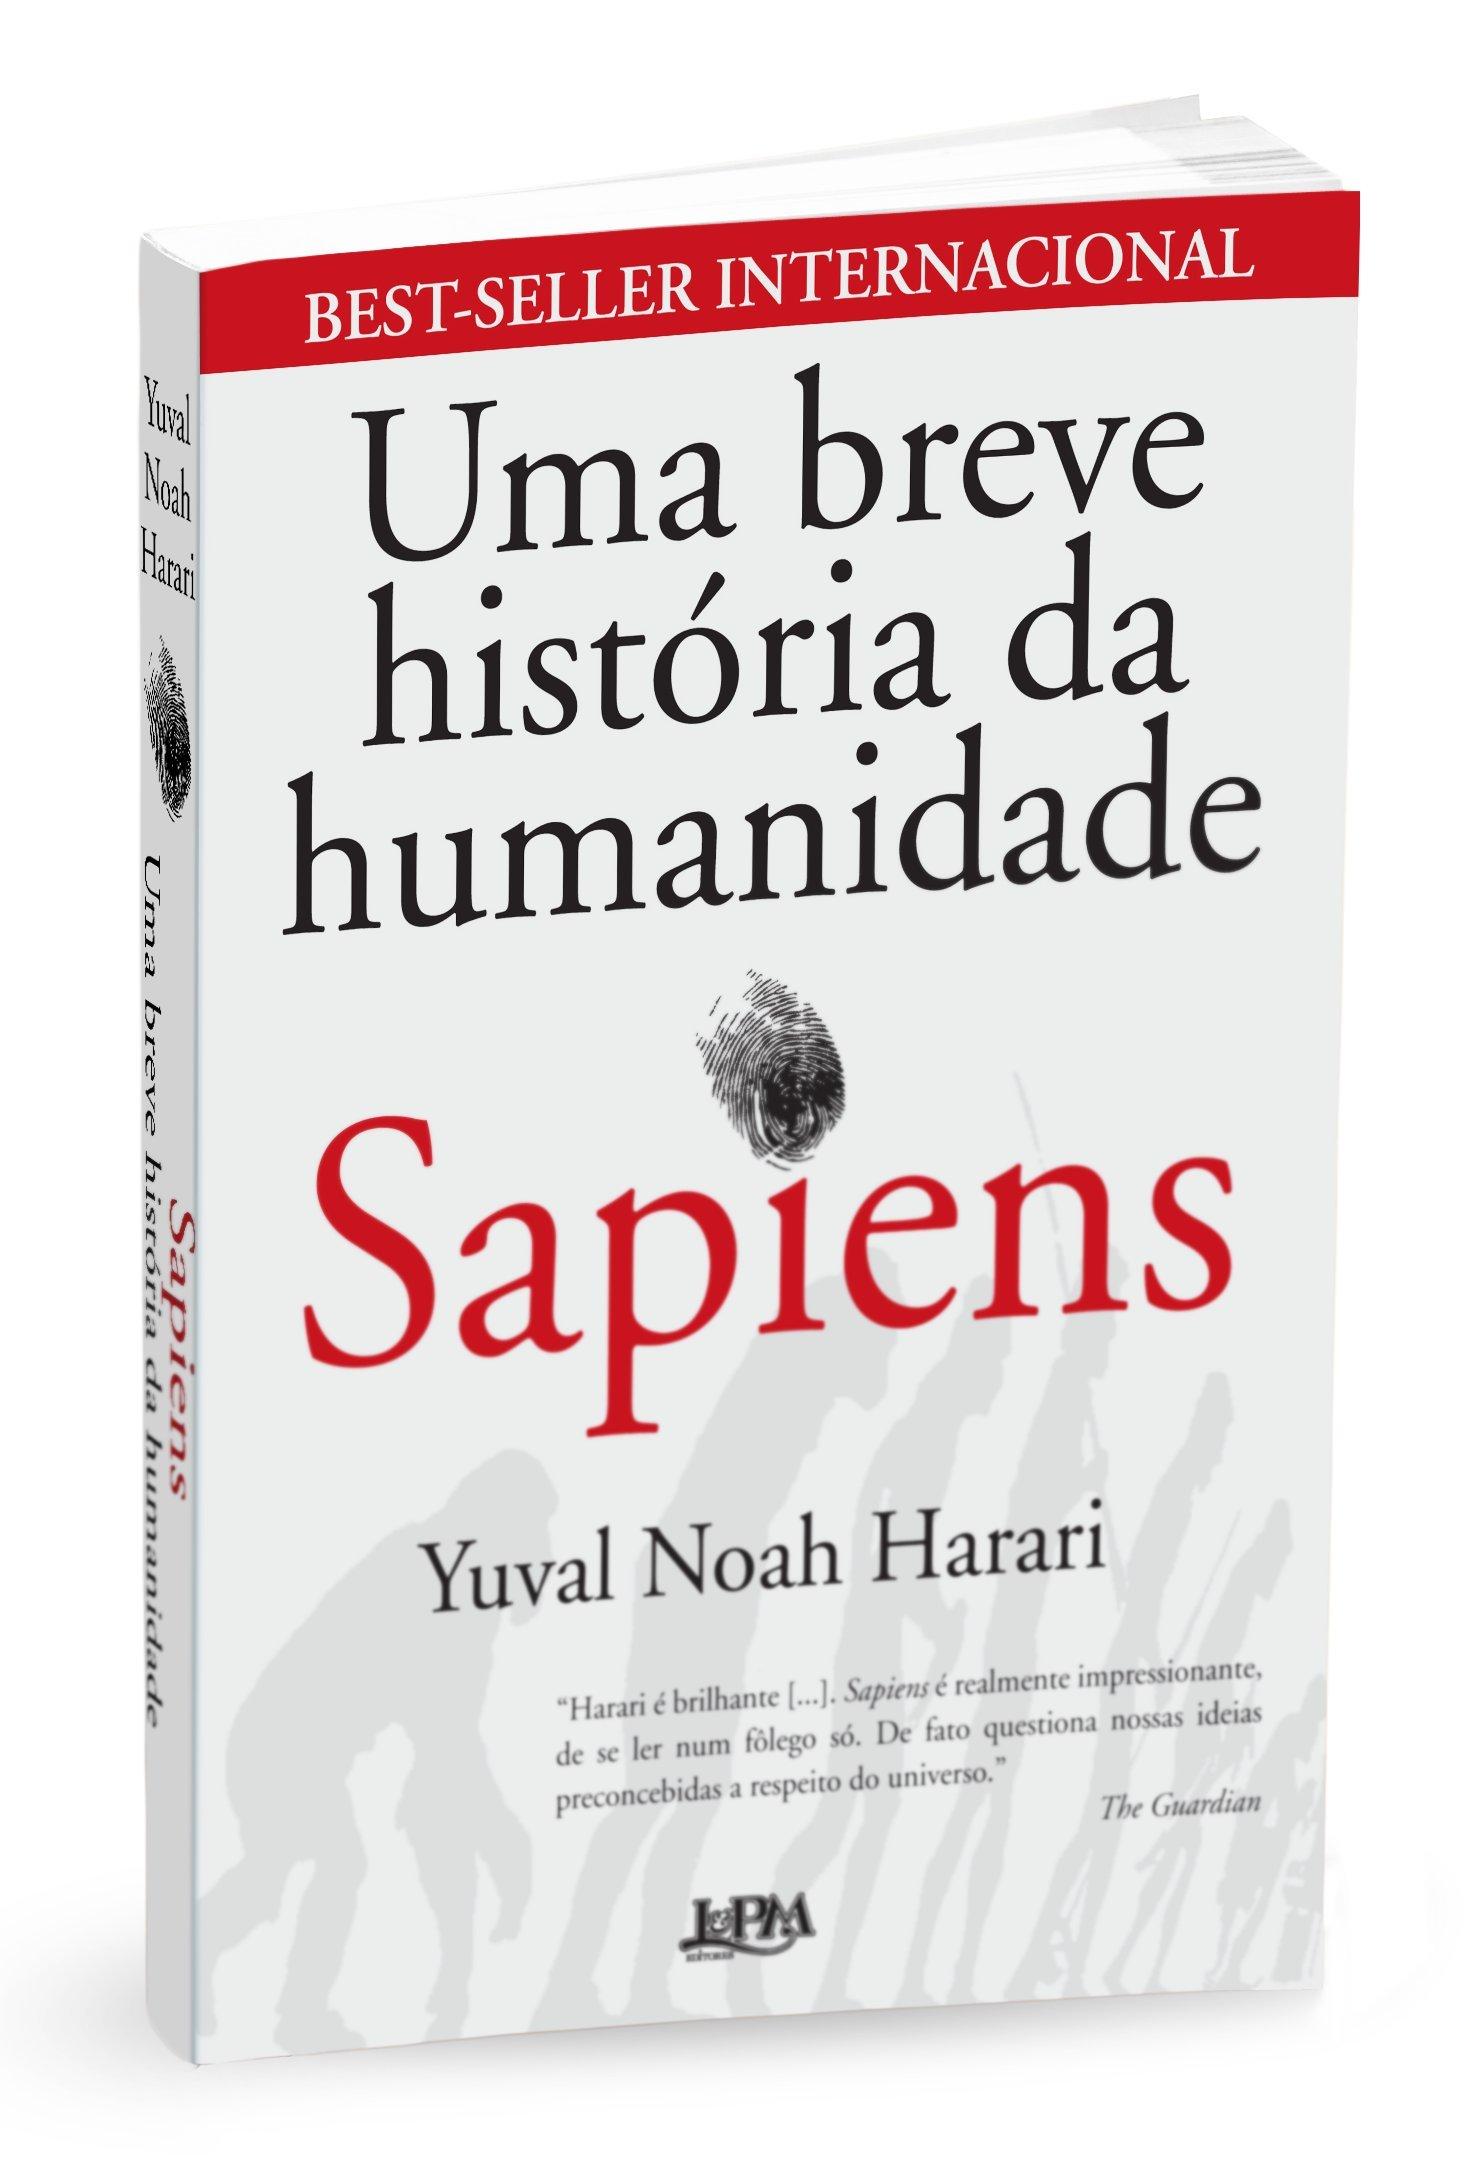 Resultado de imagem para Sapiens: Uma breve História da humanidade - Yuval Noah Harari